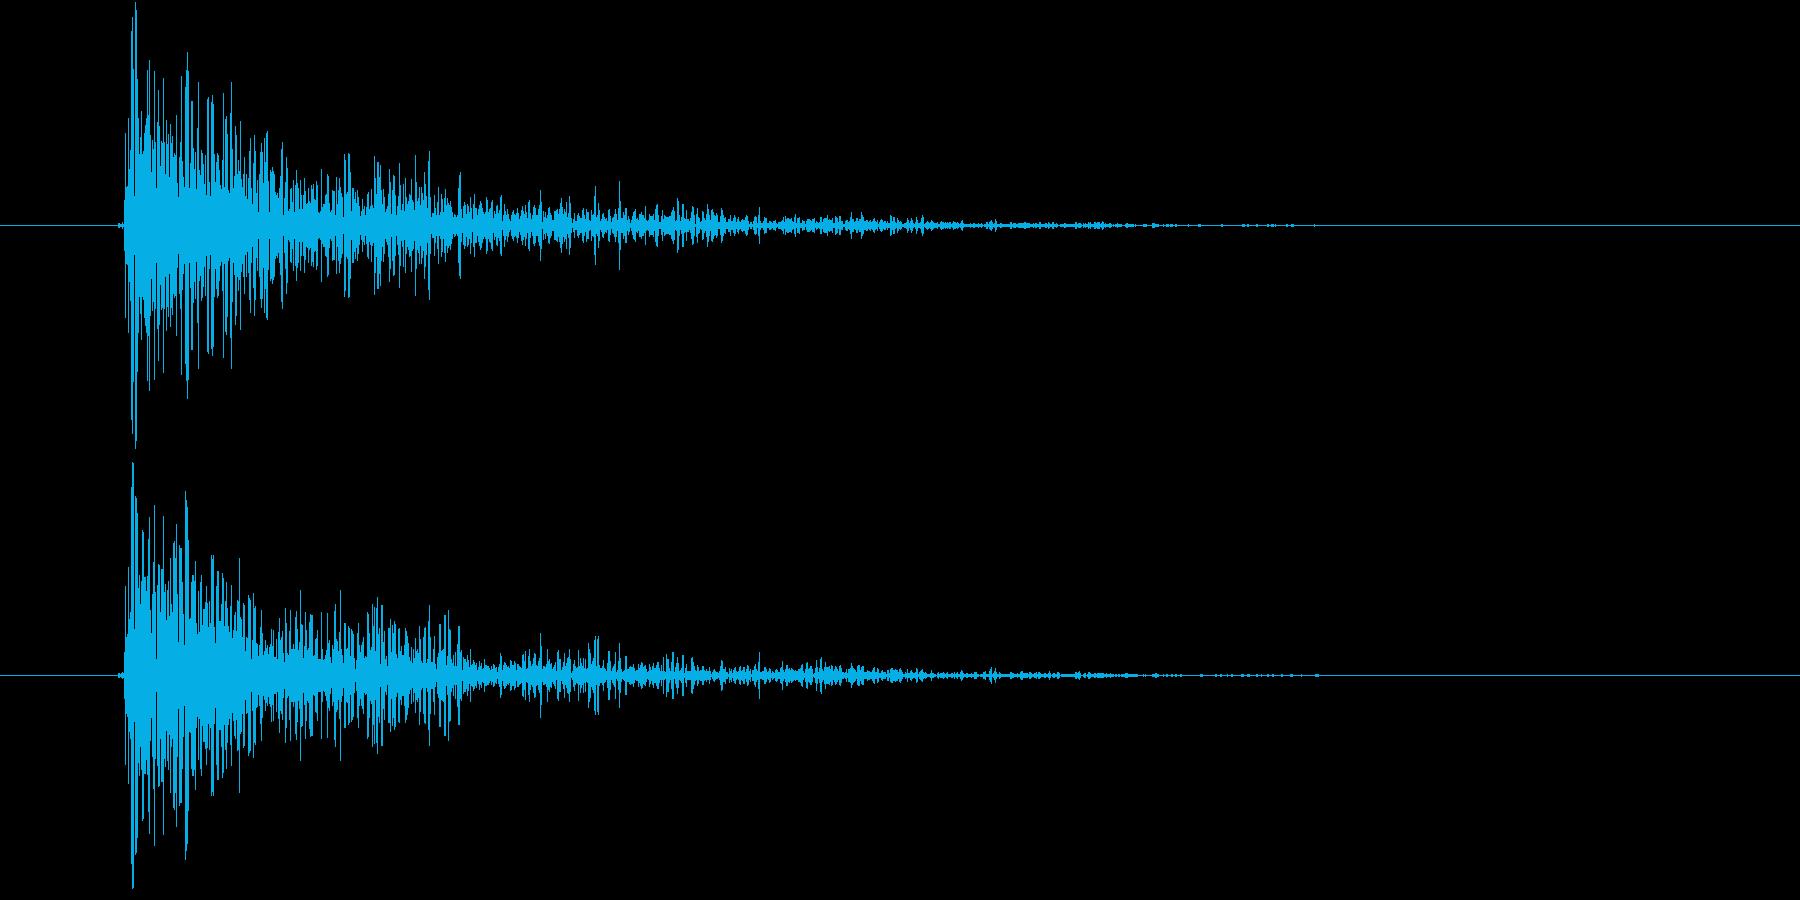 巨大な怪物が地面に足を落とすイメージ音の再生済みの波形